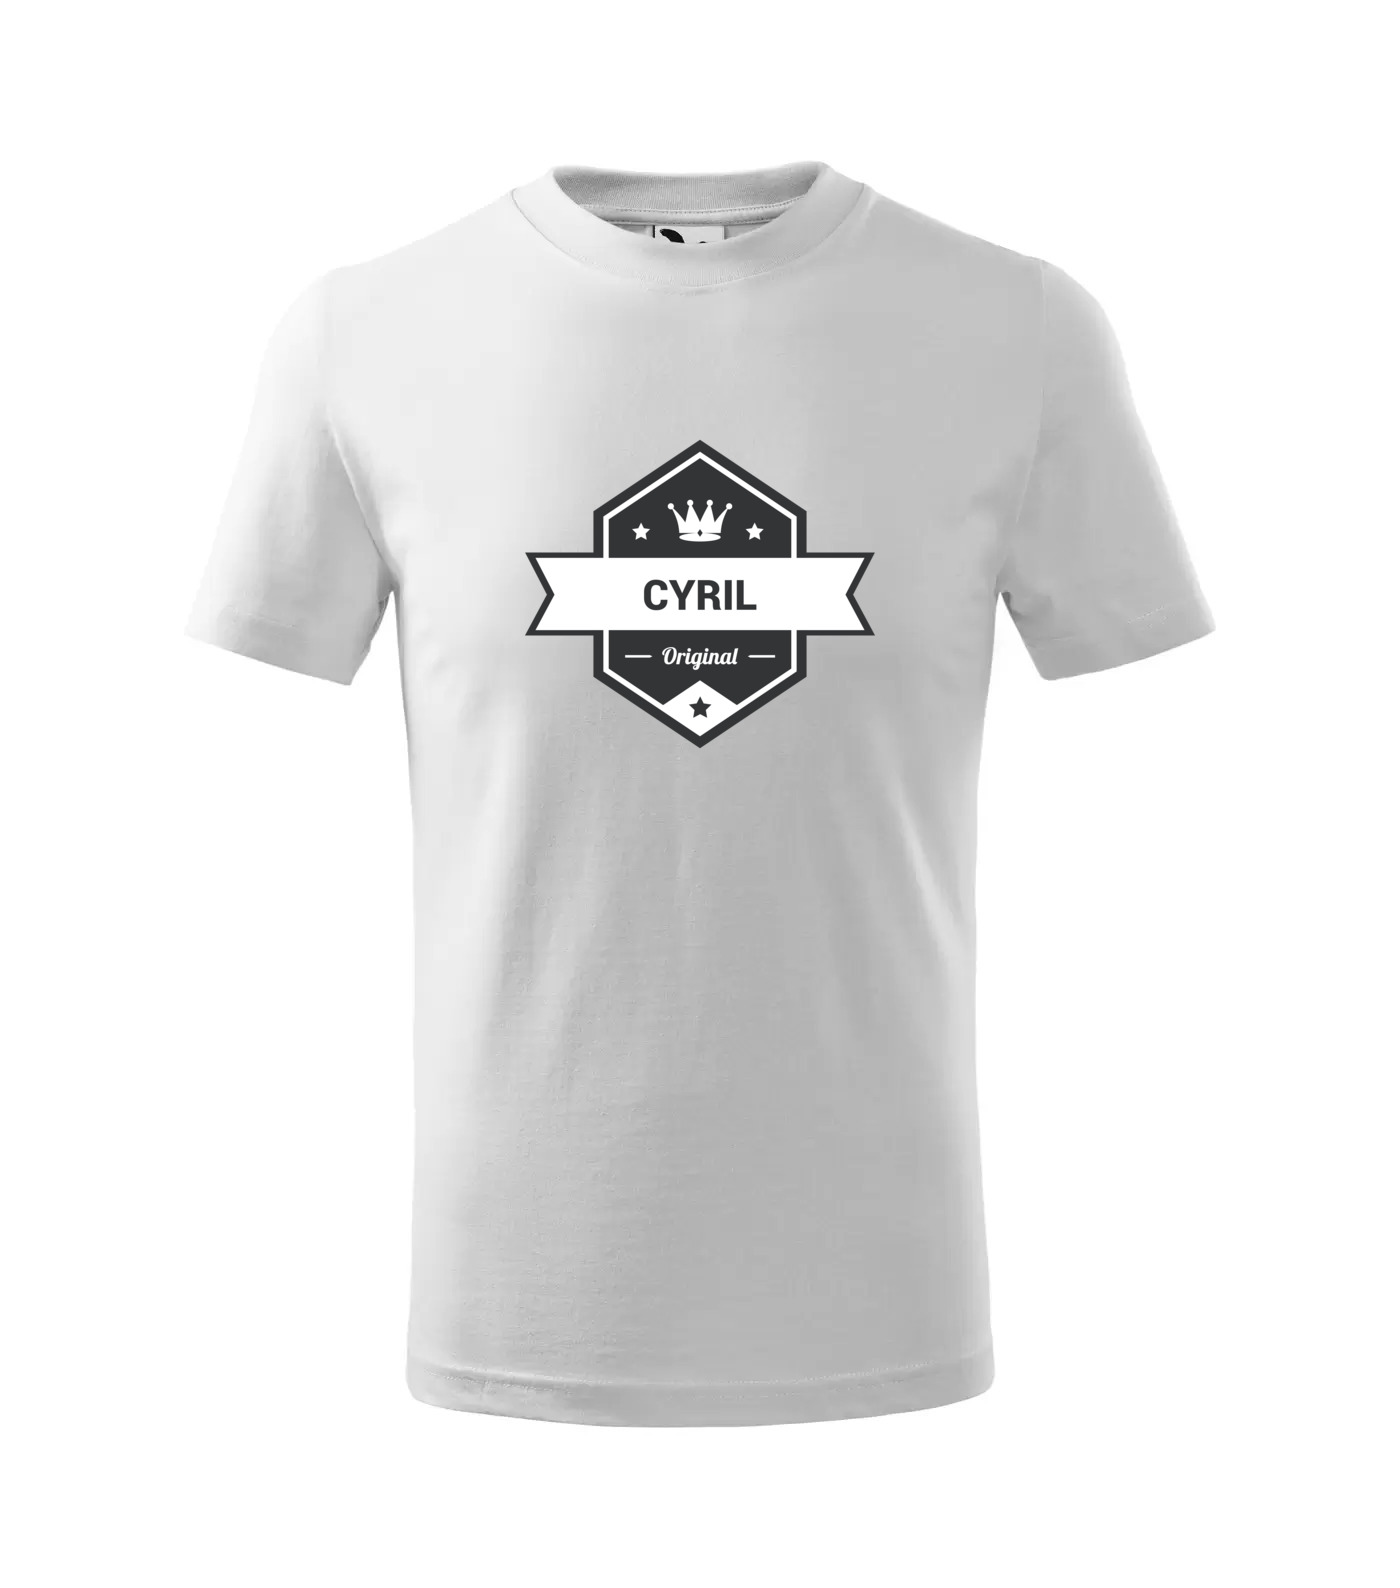 Tričko King Cyril